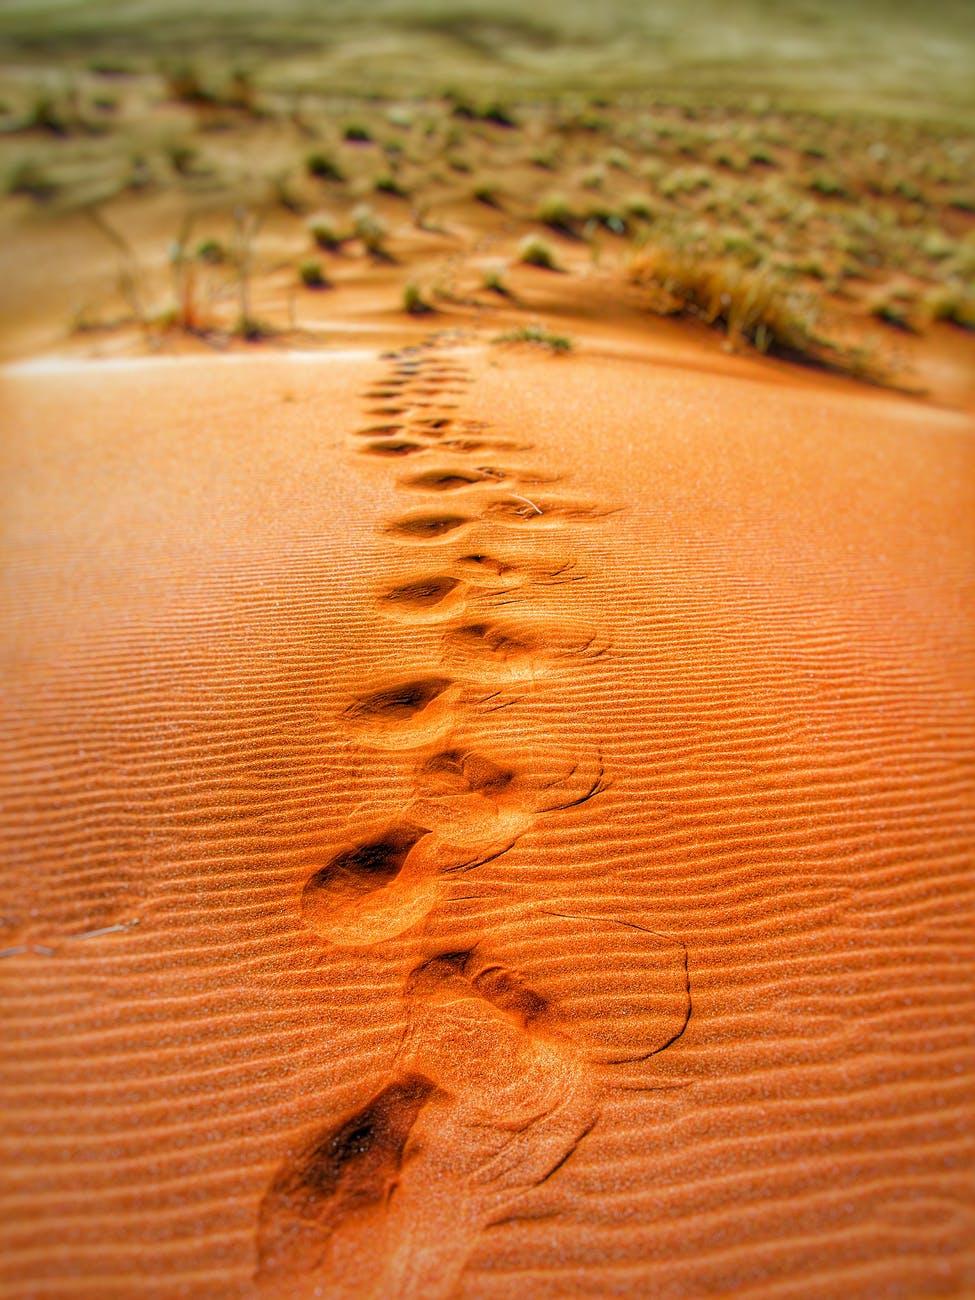 Passos, dunas, dunas de areia. Para cada passo que puder dar, saí por aí.